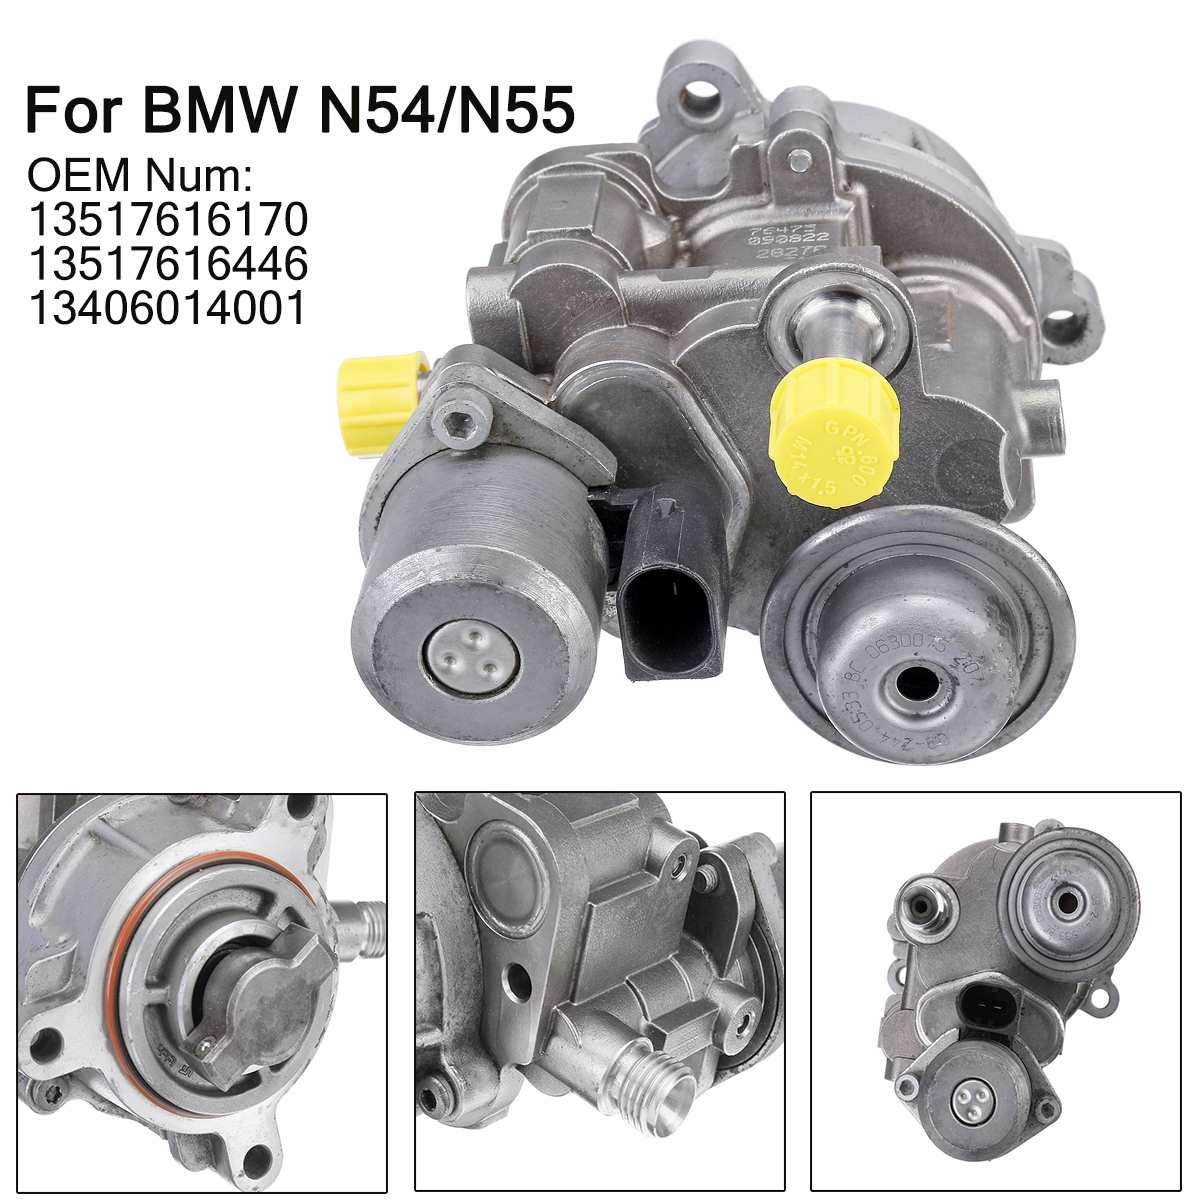 高圧燃料ポンプ 13517616170 13517616446 13406014001 Bmw N54/N55